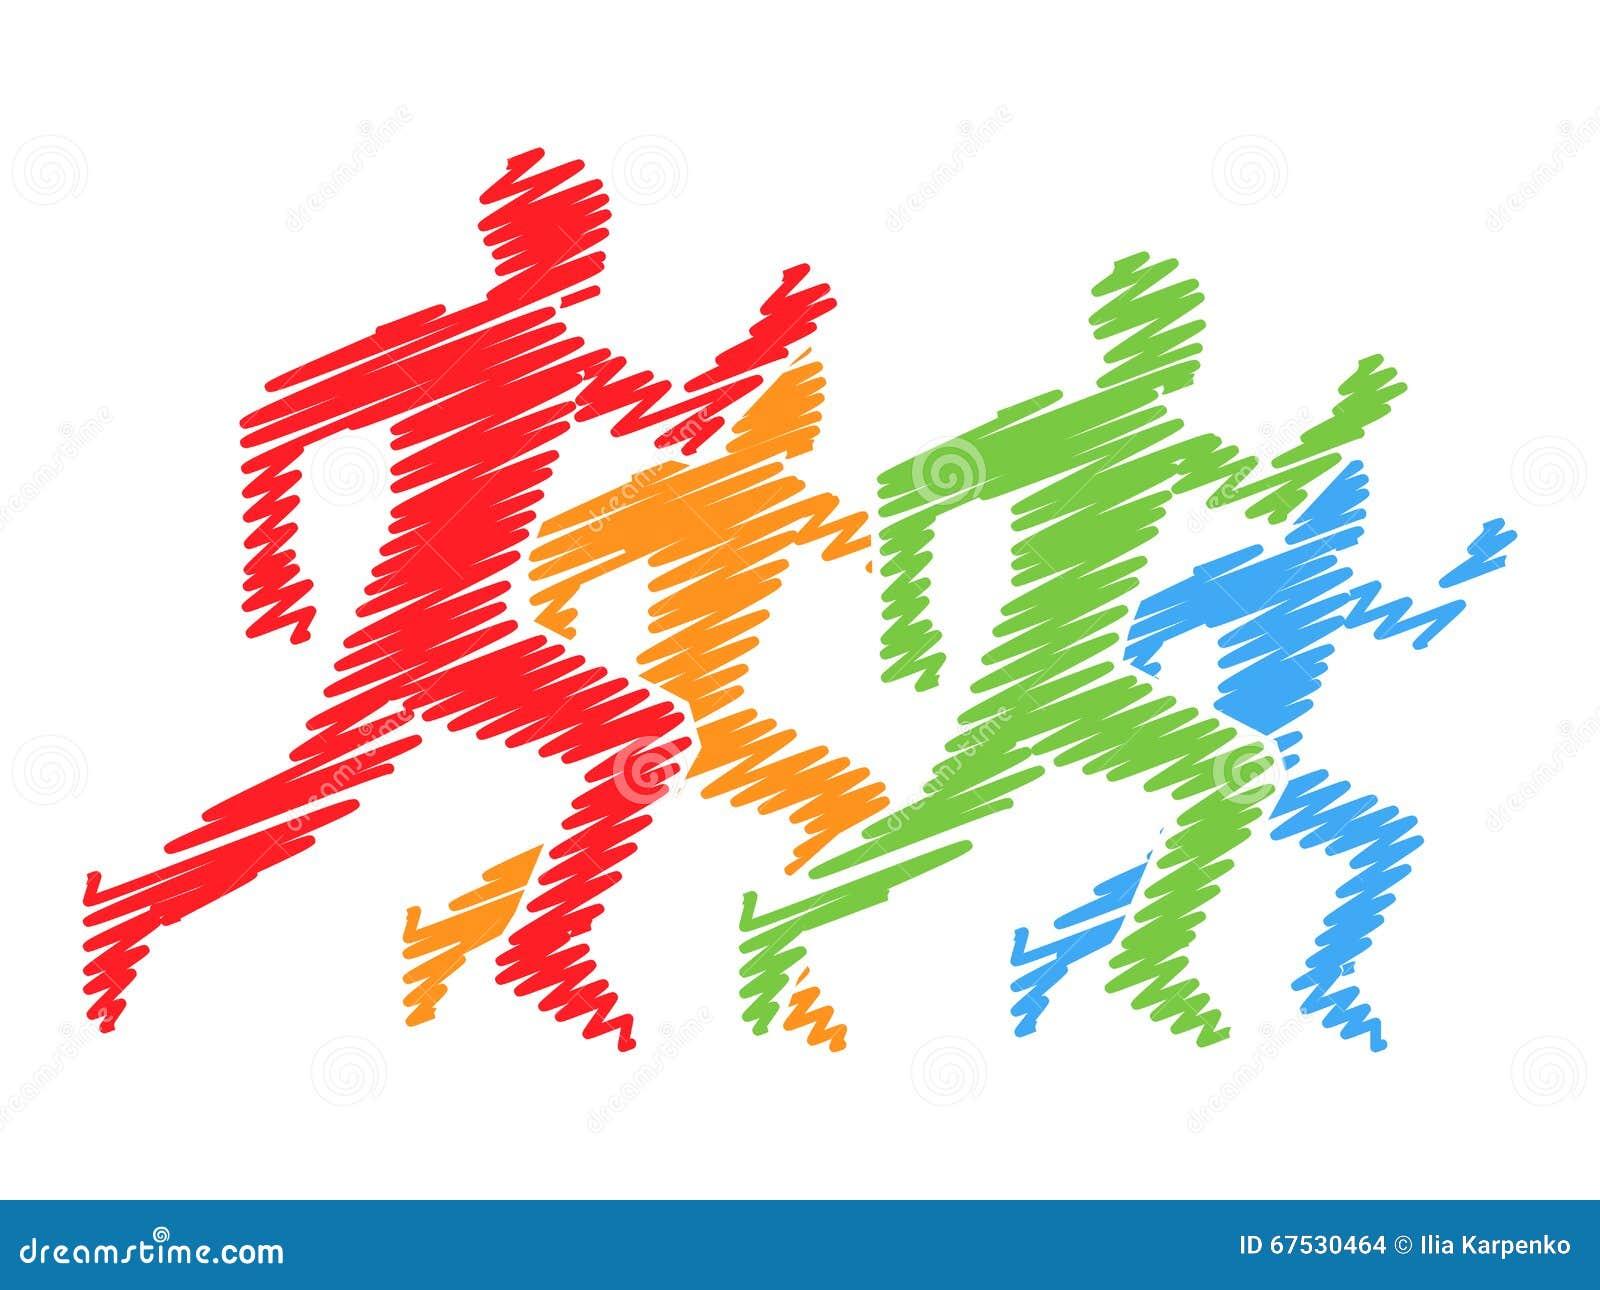 Farbige Schattenbilder von Läufern Vektorbetrieb und Marathonlogo